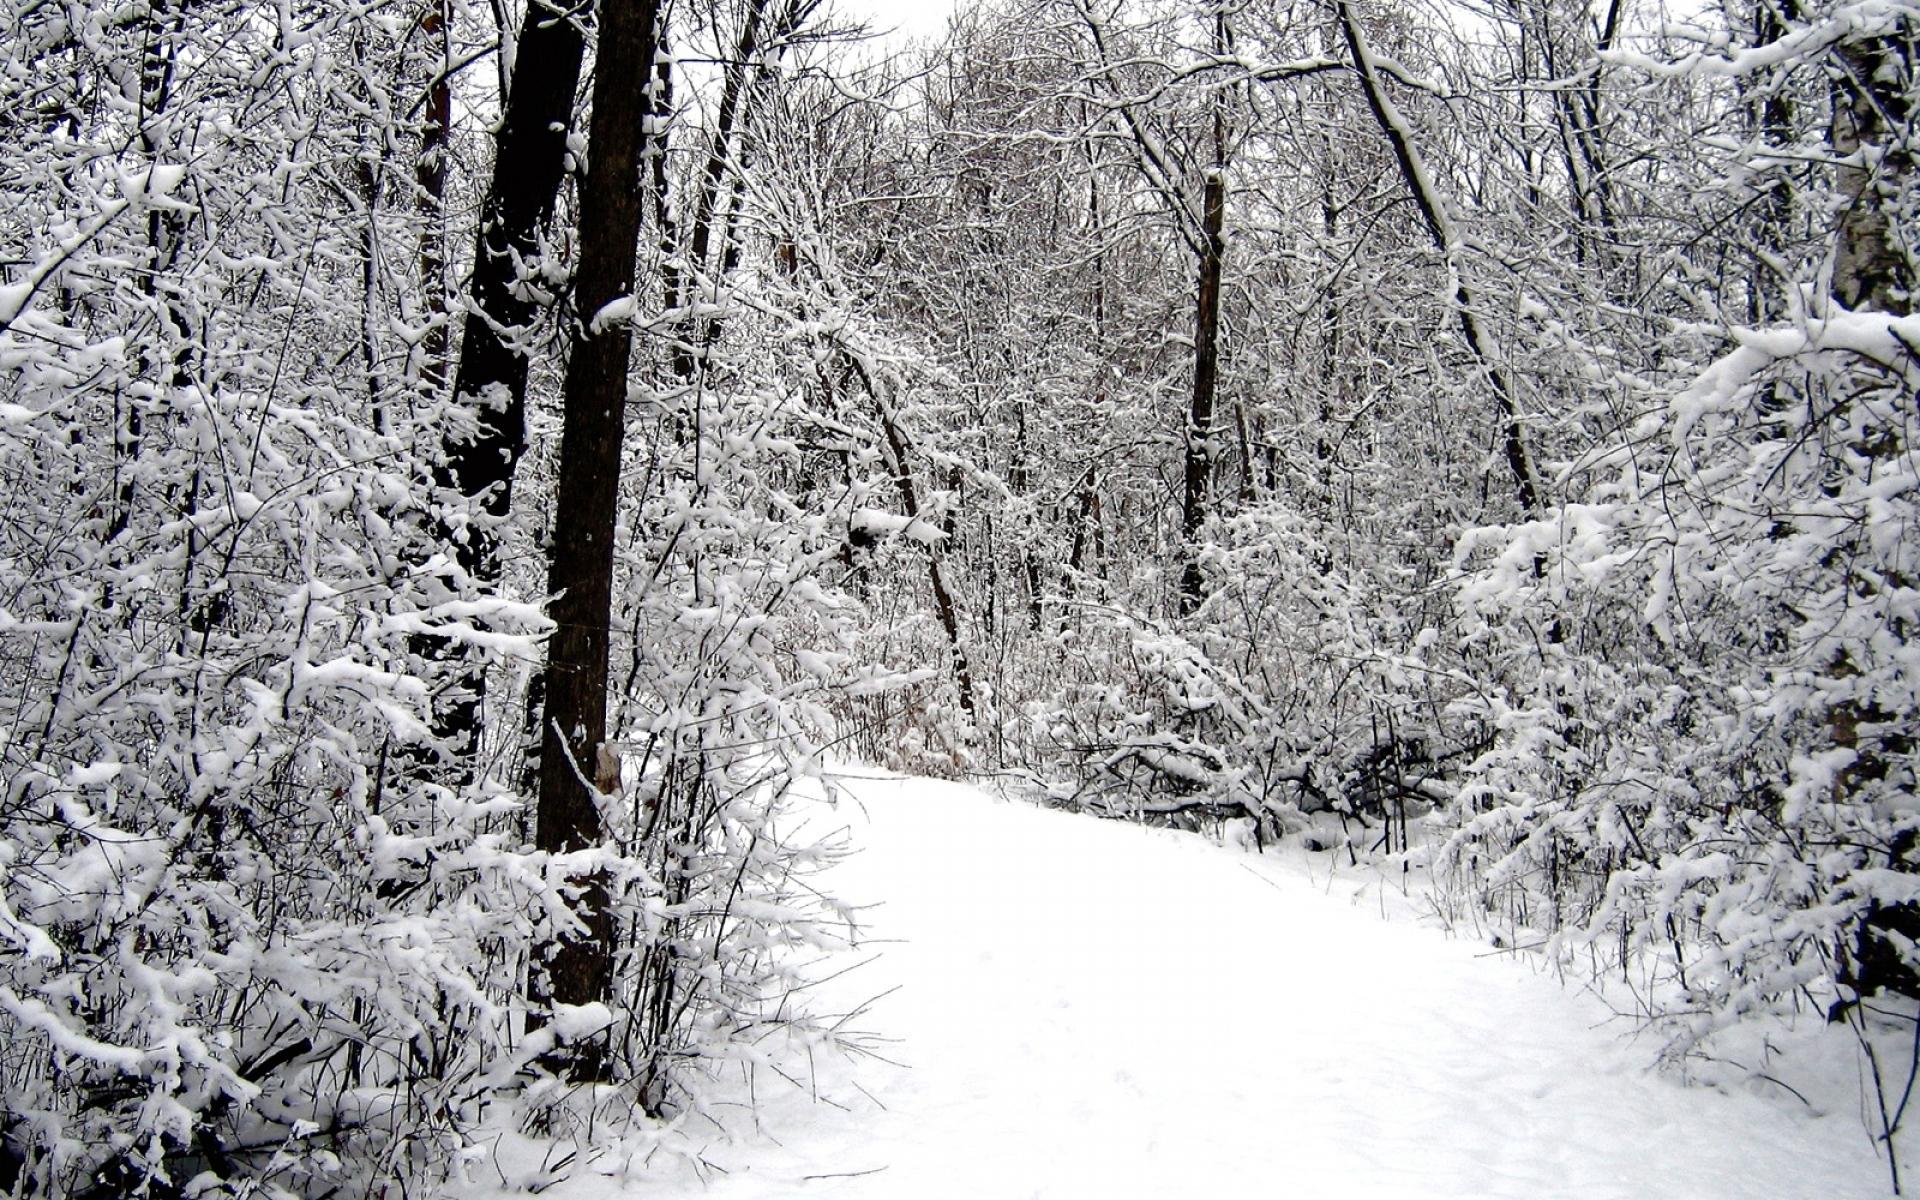 Картинки Дорога, дерево, снег, зима фото и обои на рабочий стол